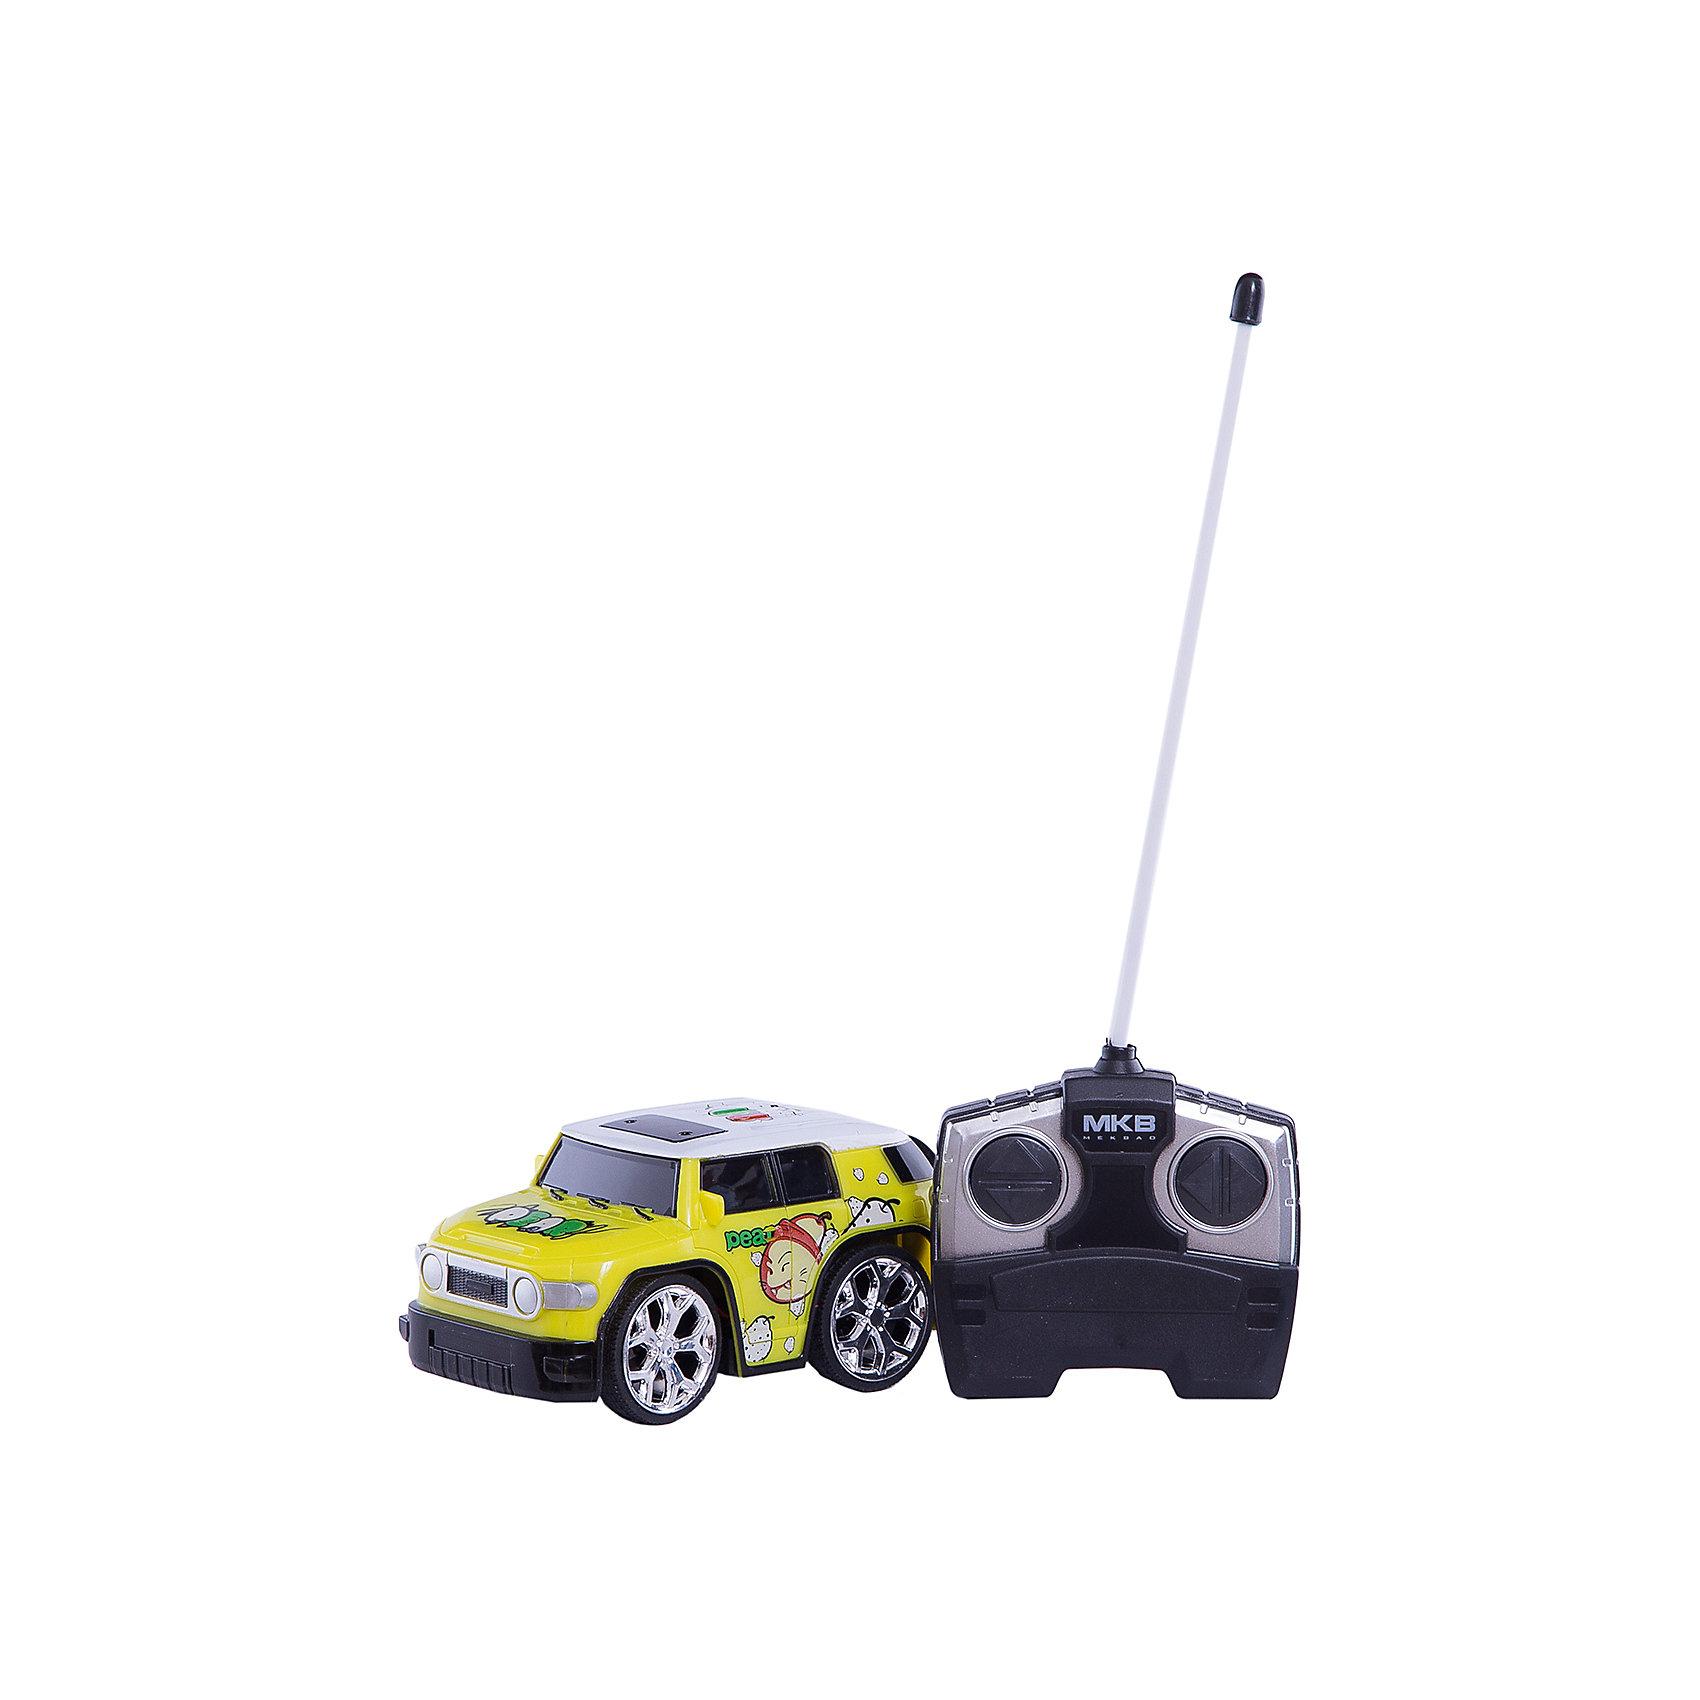 Машинка на радиоуправлении Mini, желтая, Blue SeaРадиоуправляемый транспорт<br>Машинка на радиоуправлении Mini, салатовая, Blue Sea (Блу Сии).<br><br>Характеристики:<br><br>- Цвет: желтый.<br>- Состав: пластик, металл.<br>- Радиоуправляемая игрушка.<br>- В комплекте: машинка, пульт управления.<br><br>Внимание: элементы питания в комплект не входят!<br><br>Машинка на радиоуправлении Mini, желтый – это один из представителей яркой серии машинок Mini Car от бренда Blue Sea (Блу Сии). Она проста в управлении, двигается вперед, назад, влево и вправо. Для того, чтобы начать играть, достаточно просто докупить элементы питания для машинки и пульта управления. Вашему малышу обязательно понравятся простота управления и необычный дизайн в виде яркого внедорожника.<br><br>Машинку на радиоуправлении Mini, салатовую, Blue Sea(Блу Сии), можно купить в нашем интернет – магазине.<br><br>Ширина мм: 210<br>Глубина мм: 110<br>Высота мм: 110<br>Вес г: 300<br>Возраст от месяцев: 36<br>Возраст до месяцев: 2147483647<br>Пол: Мужской<br>Возраст: Детский<br>SKU: 5419372